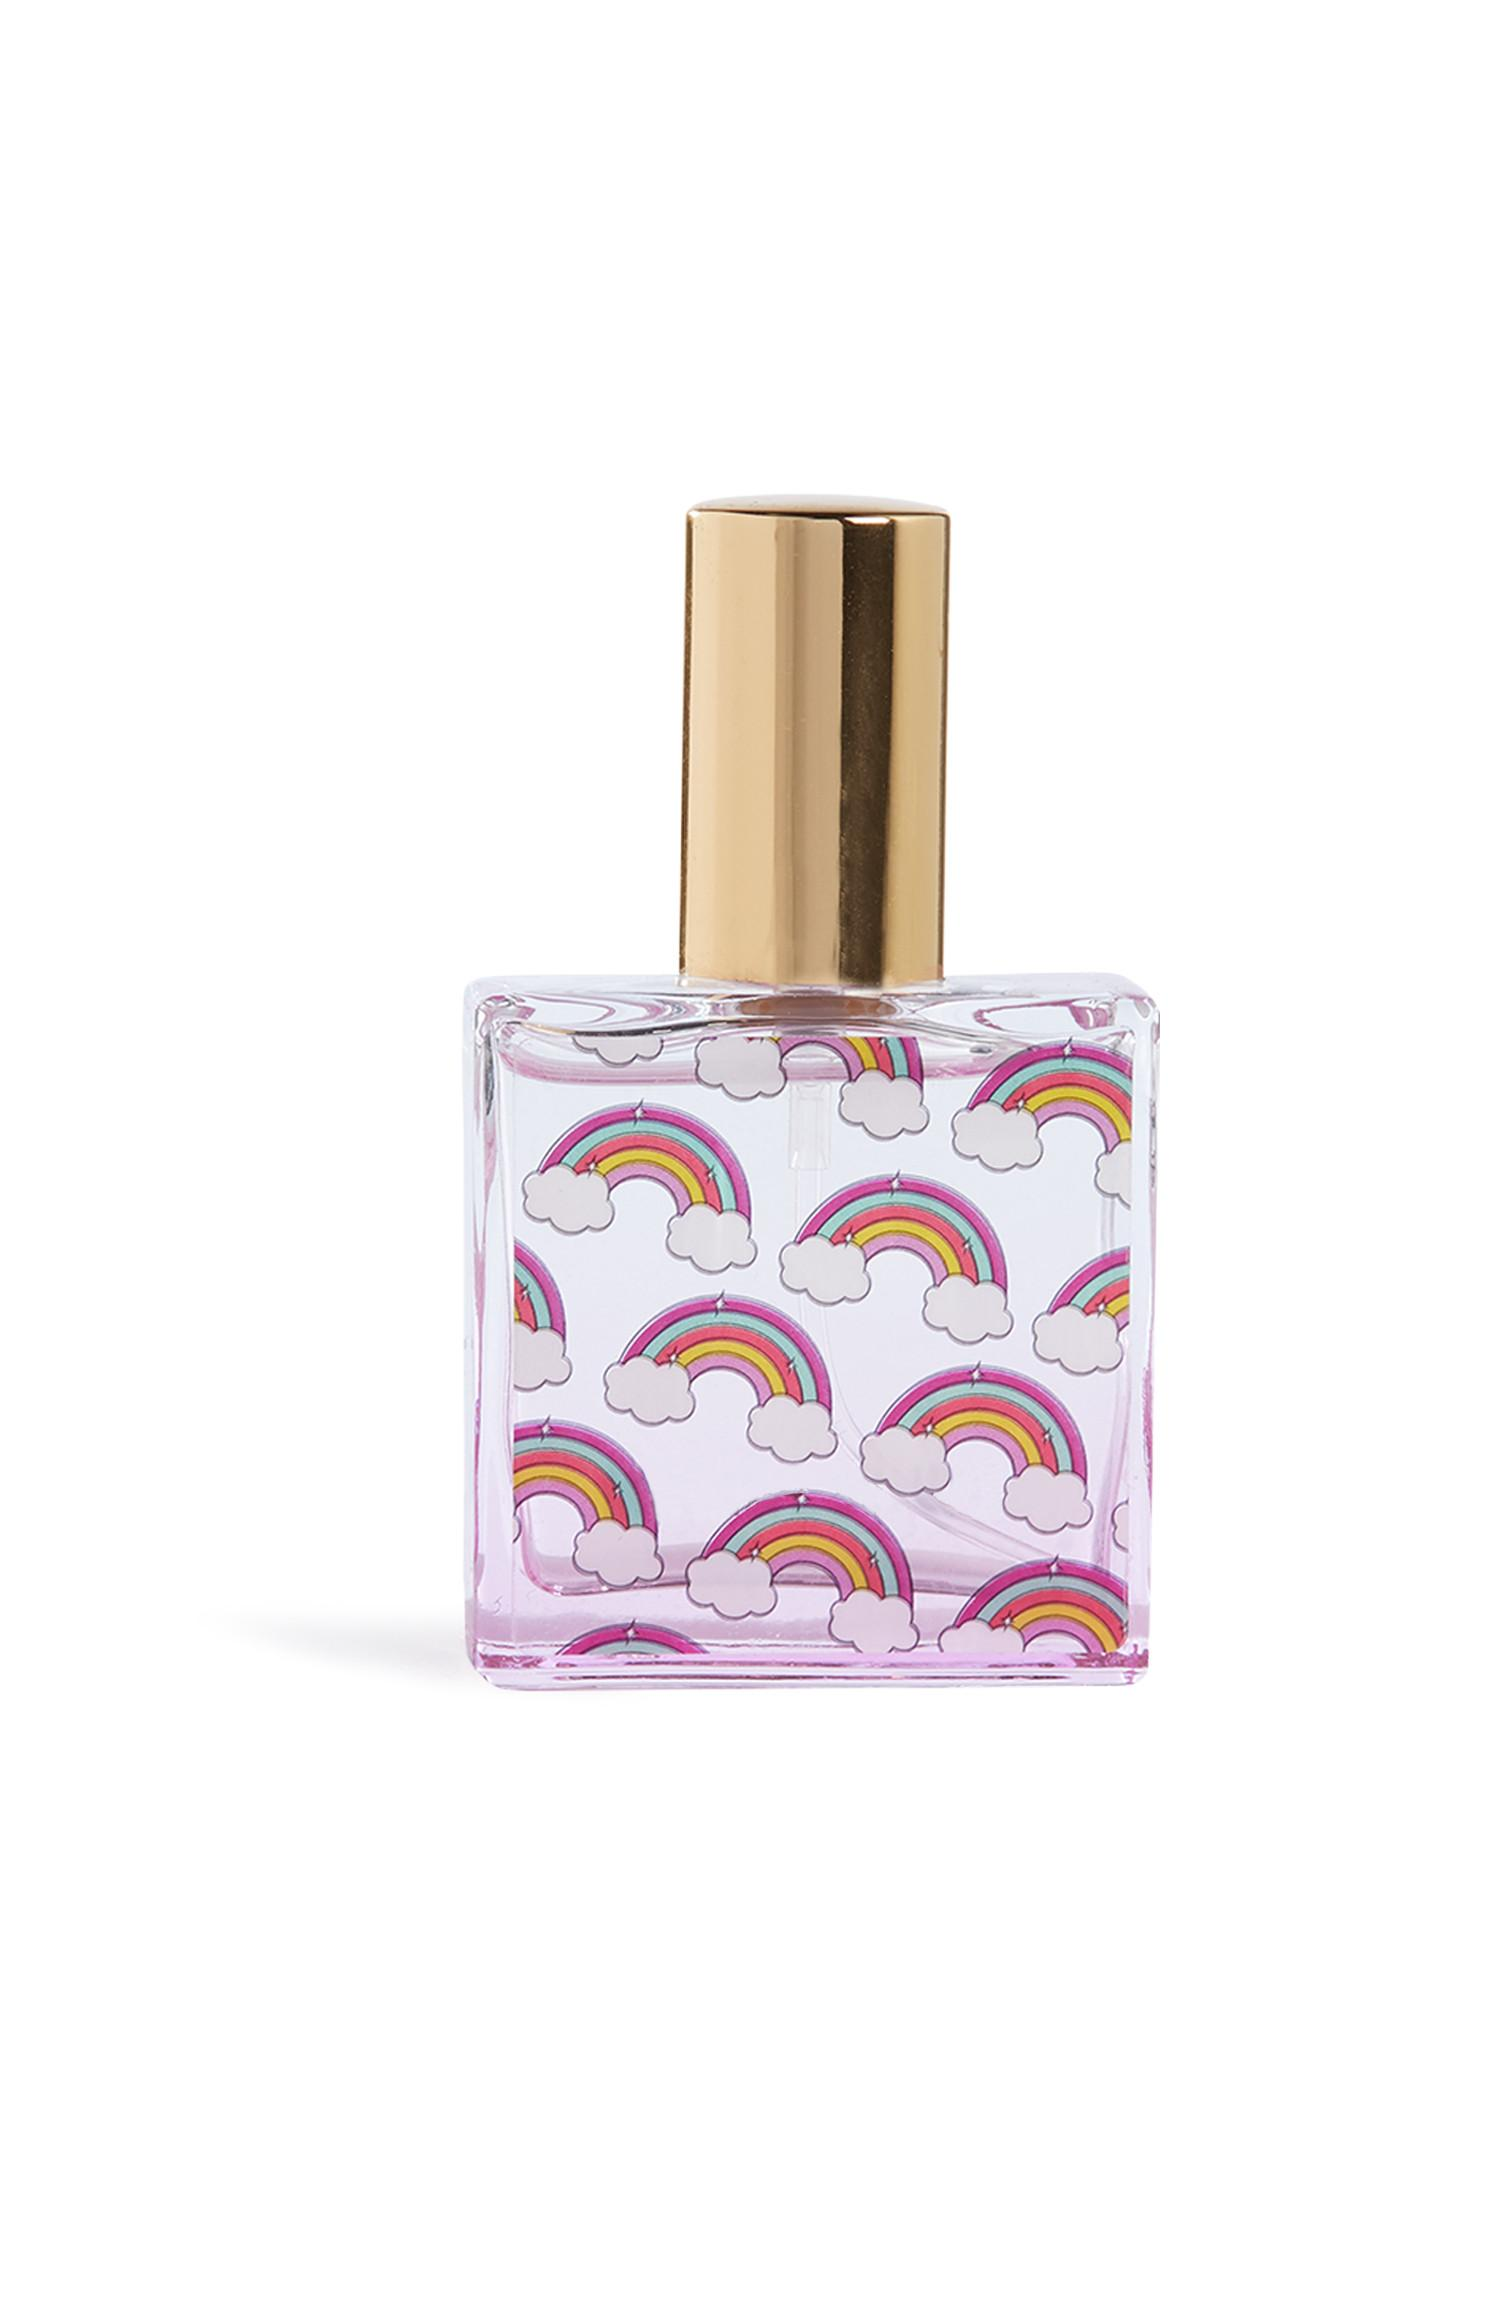 Rainbow Fragrance